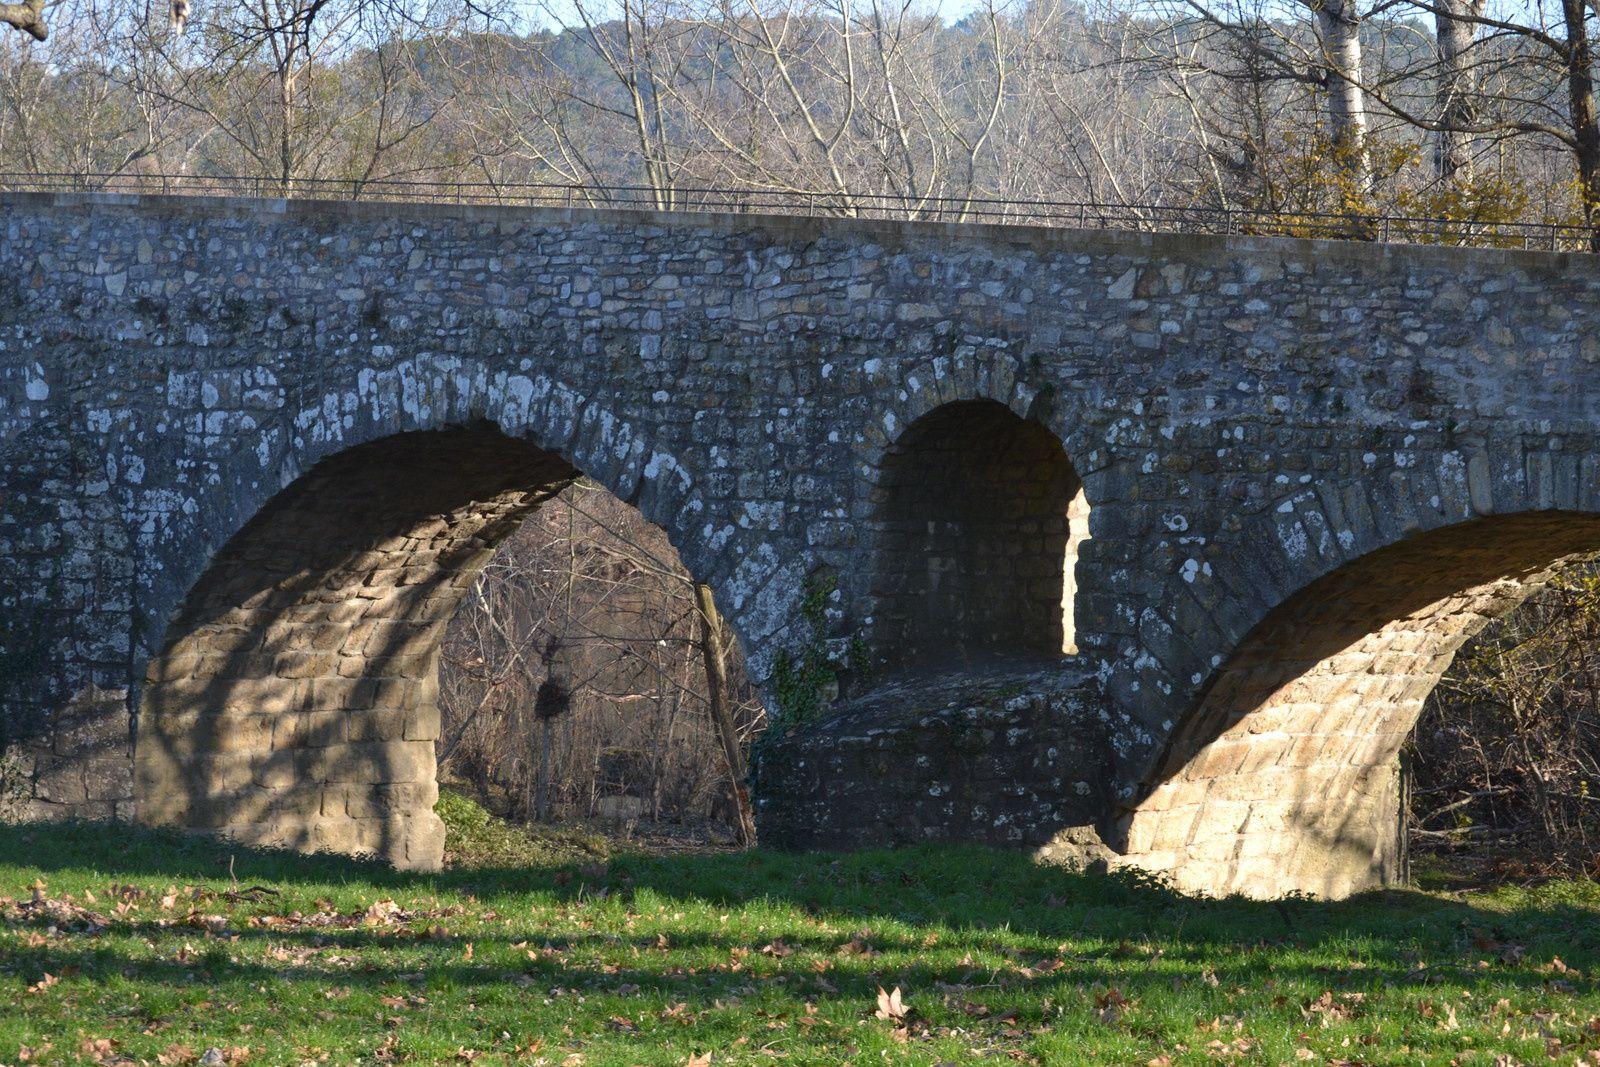 """Arches avec au centre un """"dégueuloir"""" .Un dégueuloir est une ouverture située au-dessus des piles d'un pont de pierre, et qui a pour fonction d'évacuer l'eau en cas de fortes crues : l'eau trouve cet exutoire avant d'atteindre le tablier du pont, ce qui évite à celui-ci d'être emporté. Leur insuffisance peut causer la ruine de l'ouvrage.. Les dégueuloirs ont disparu avec les ponts métalliques, dont la structure ouverte offre moins de prise aux crues."""